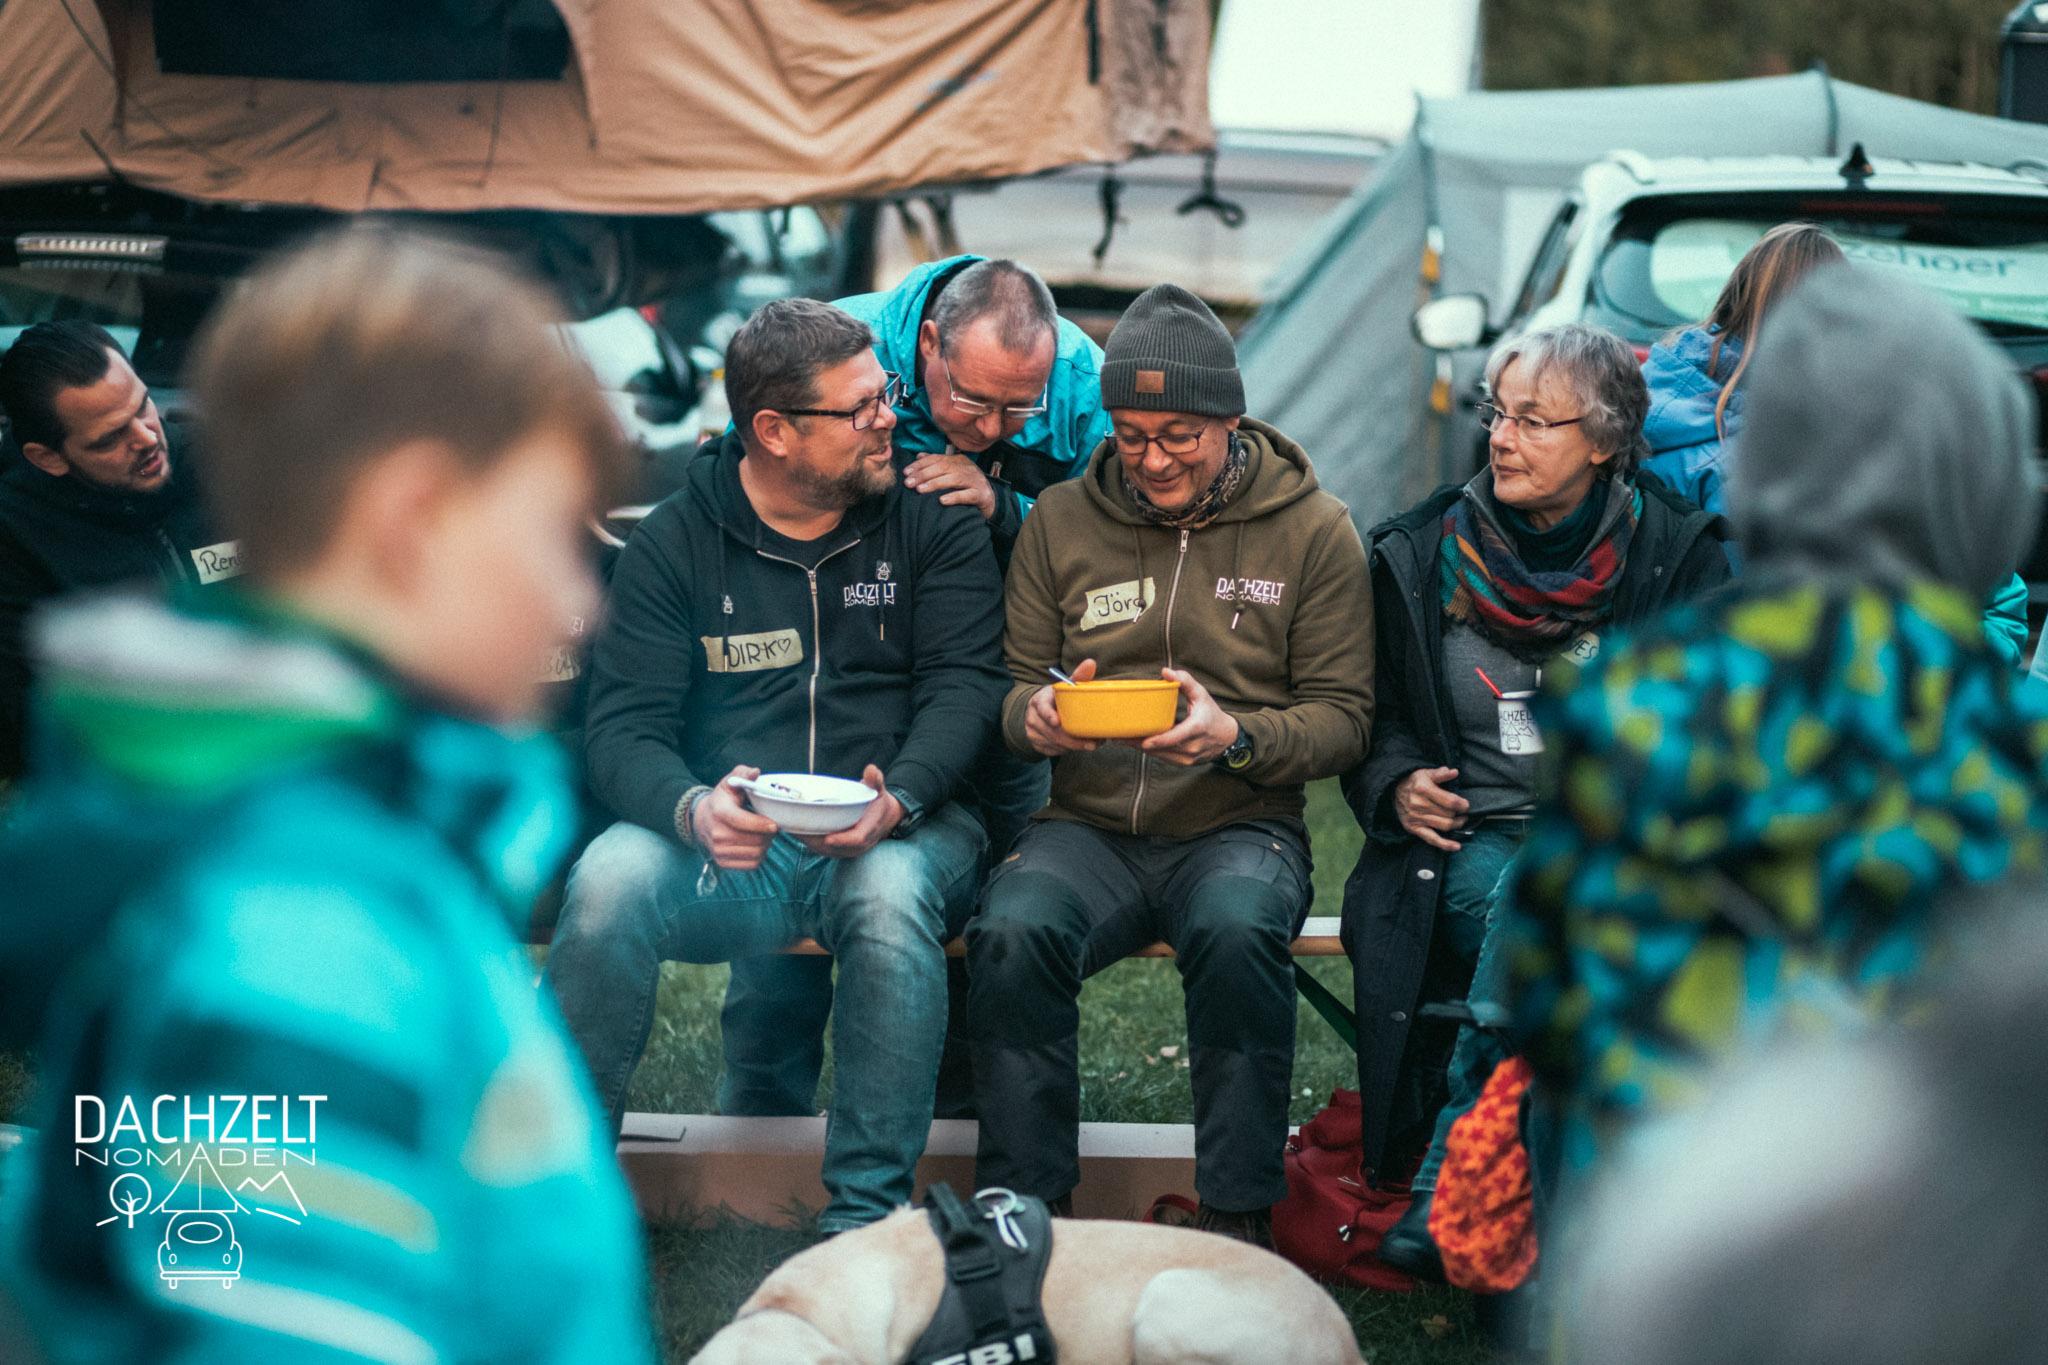 20191003-Dachzelt-Meetup-Hamburg-Dennis-Brandt- DB 0858